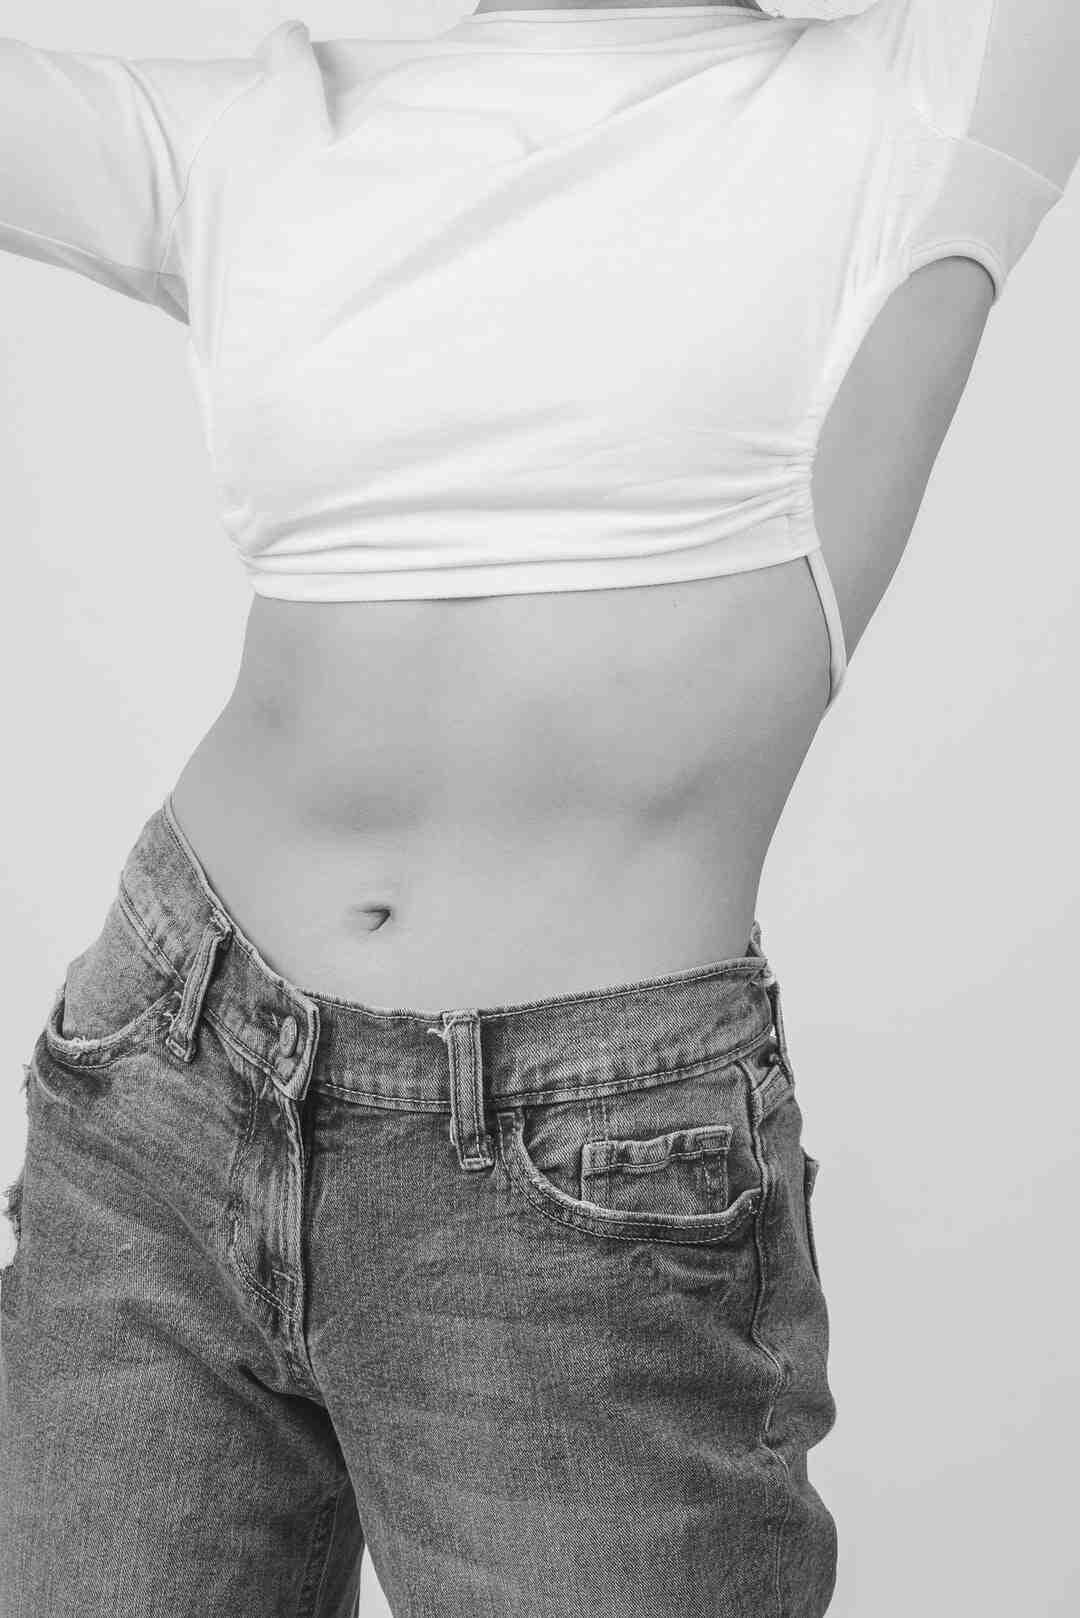 Comment perdre du ventre bouée